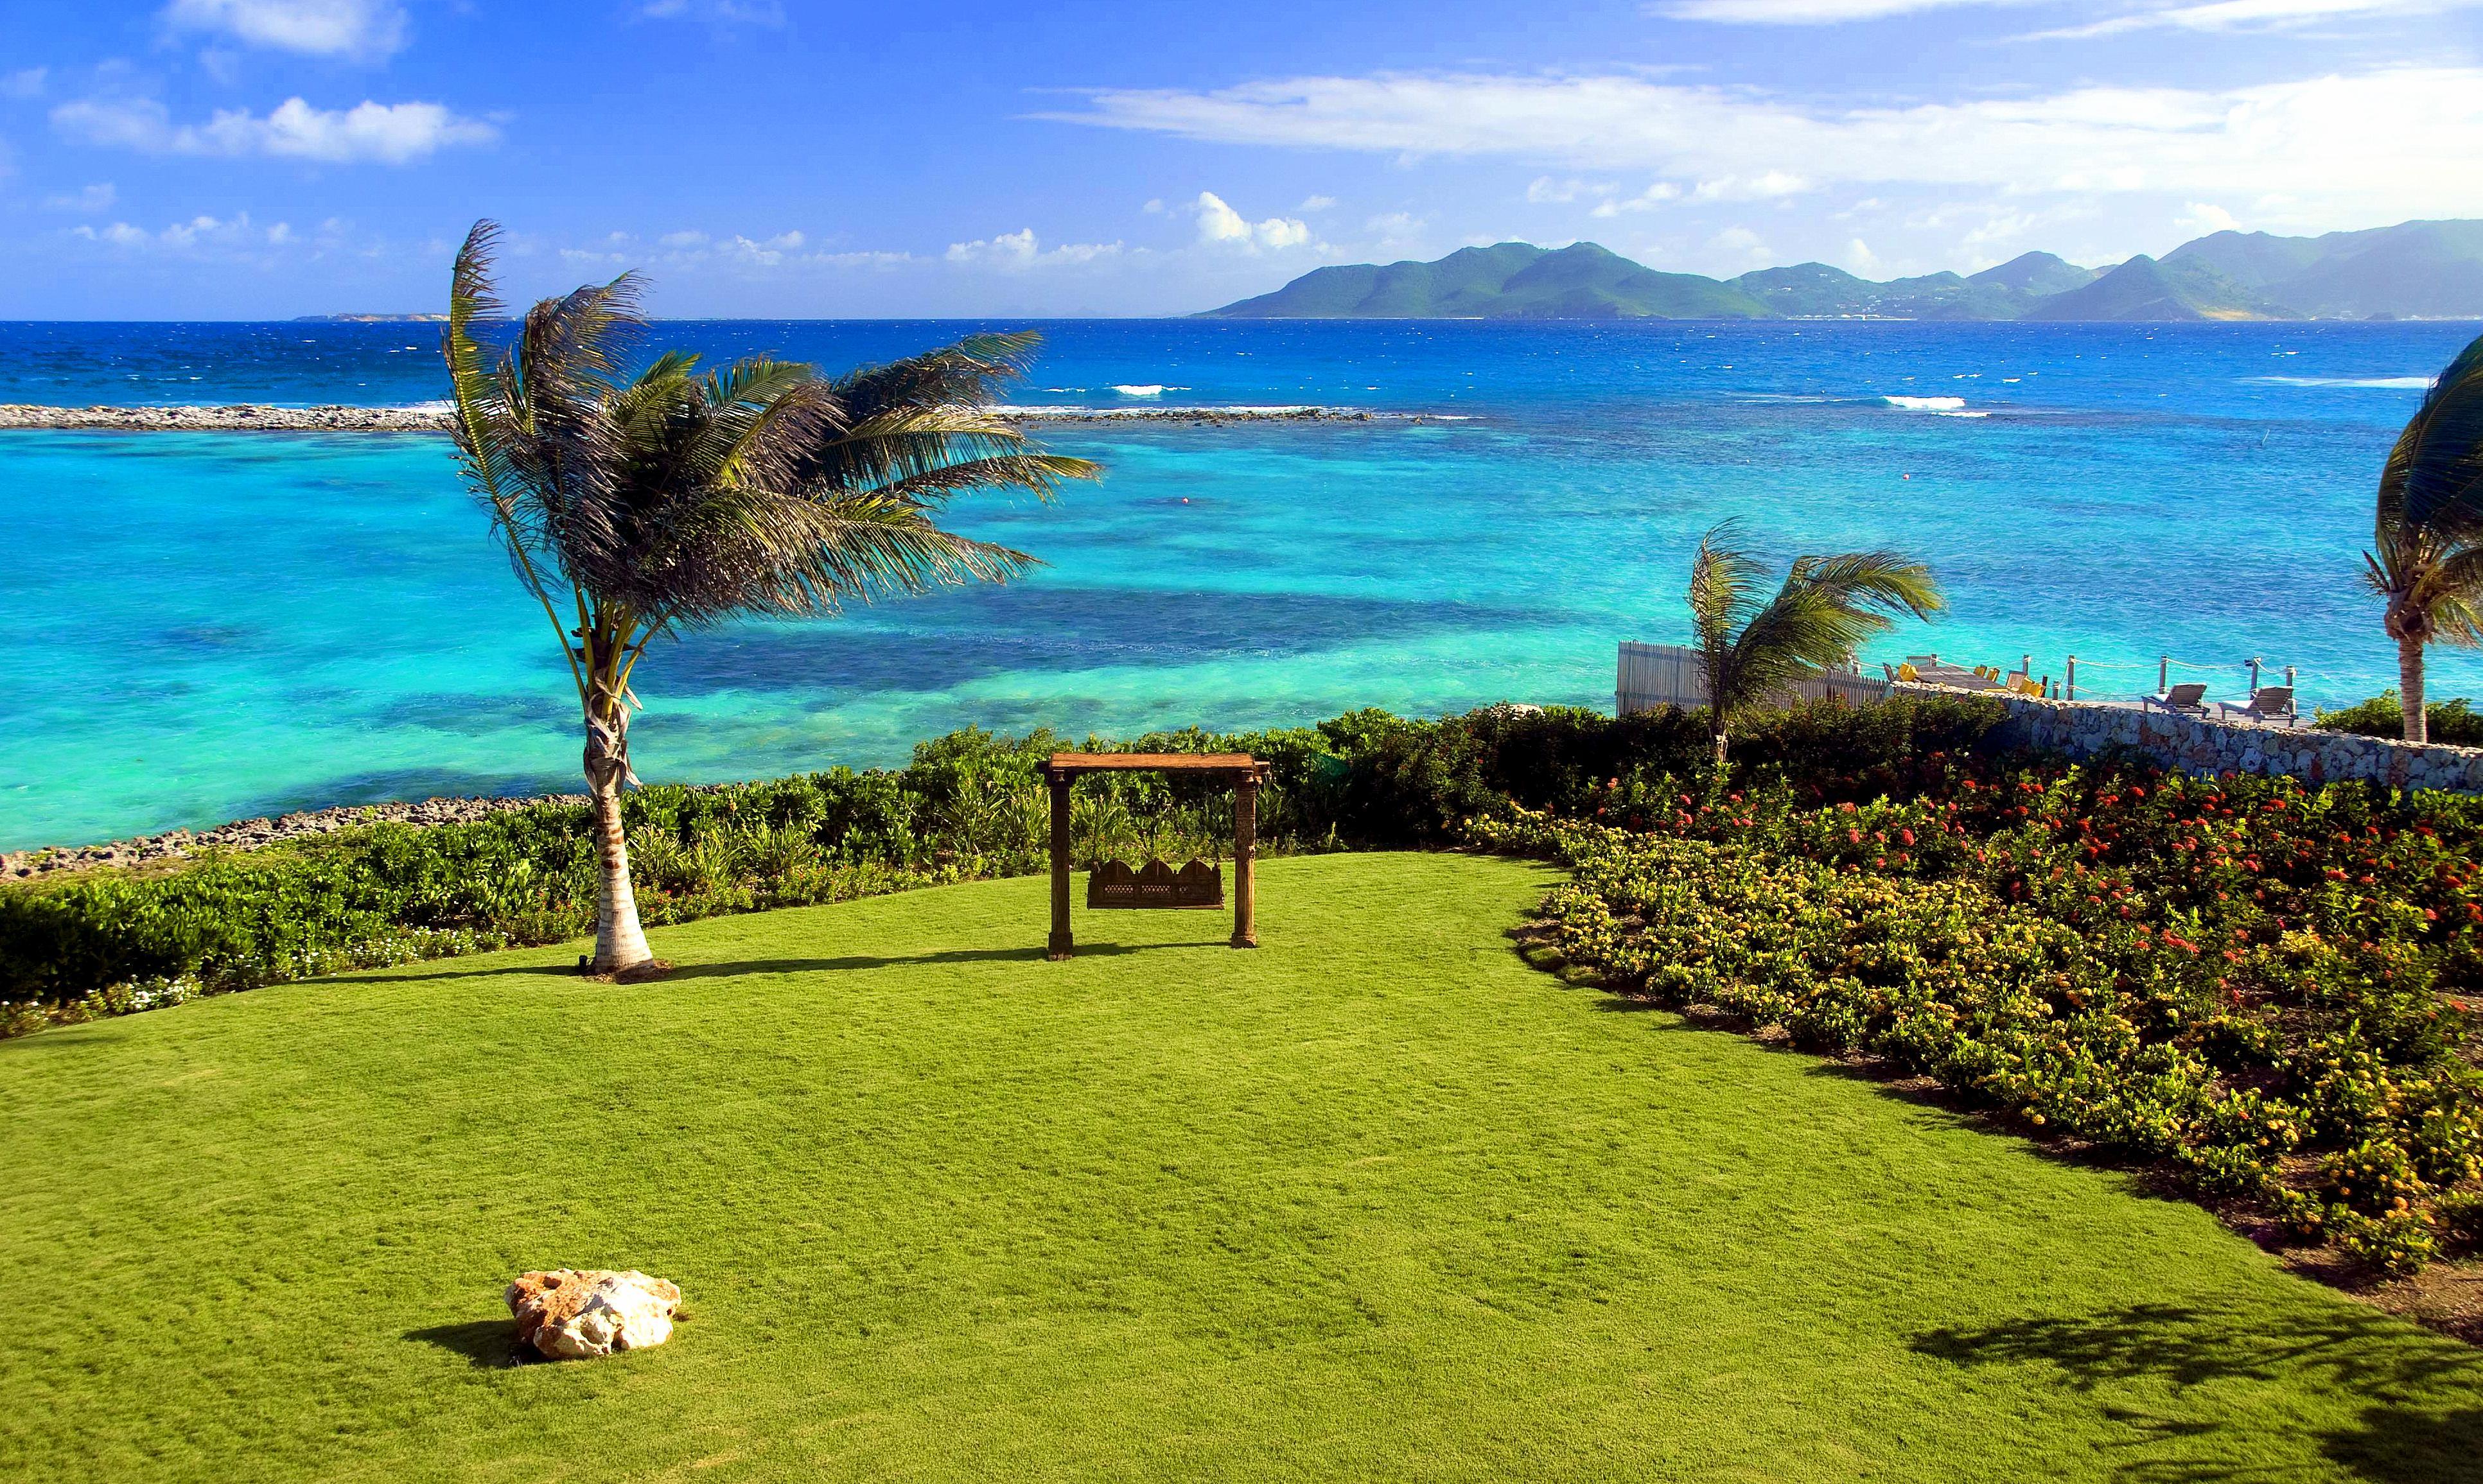 Le Bleu - Anguilla - Oliver's Travels